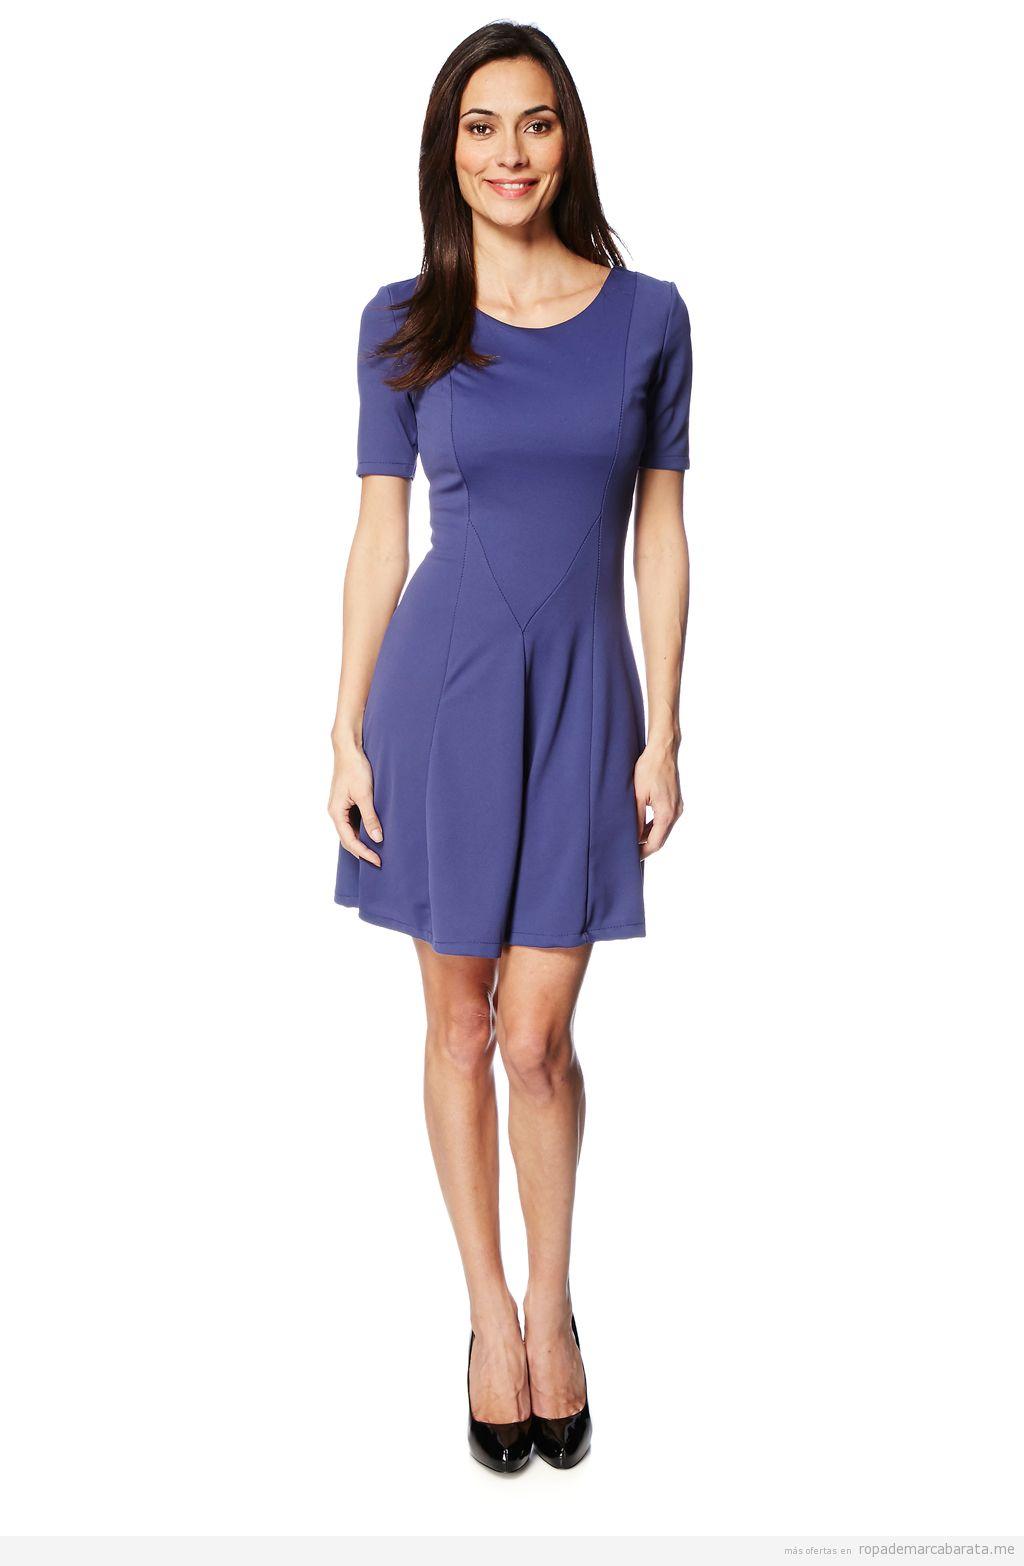 5d09ab4aa Vestidos cortos y sexys fiesta marca Torrente baratos, comprar outlet  online 3